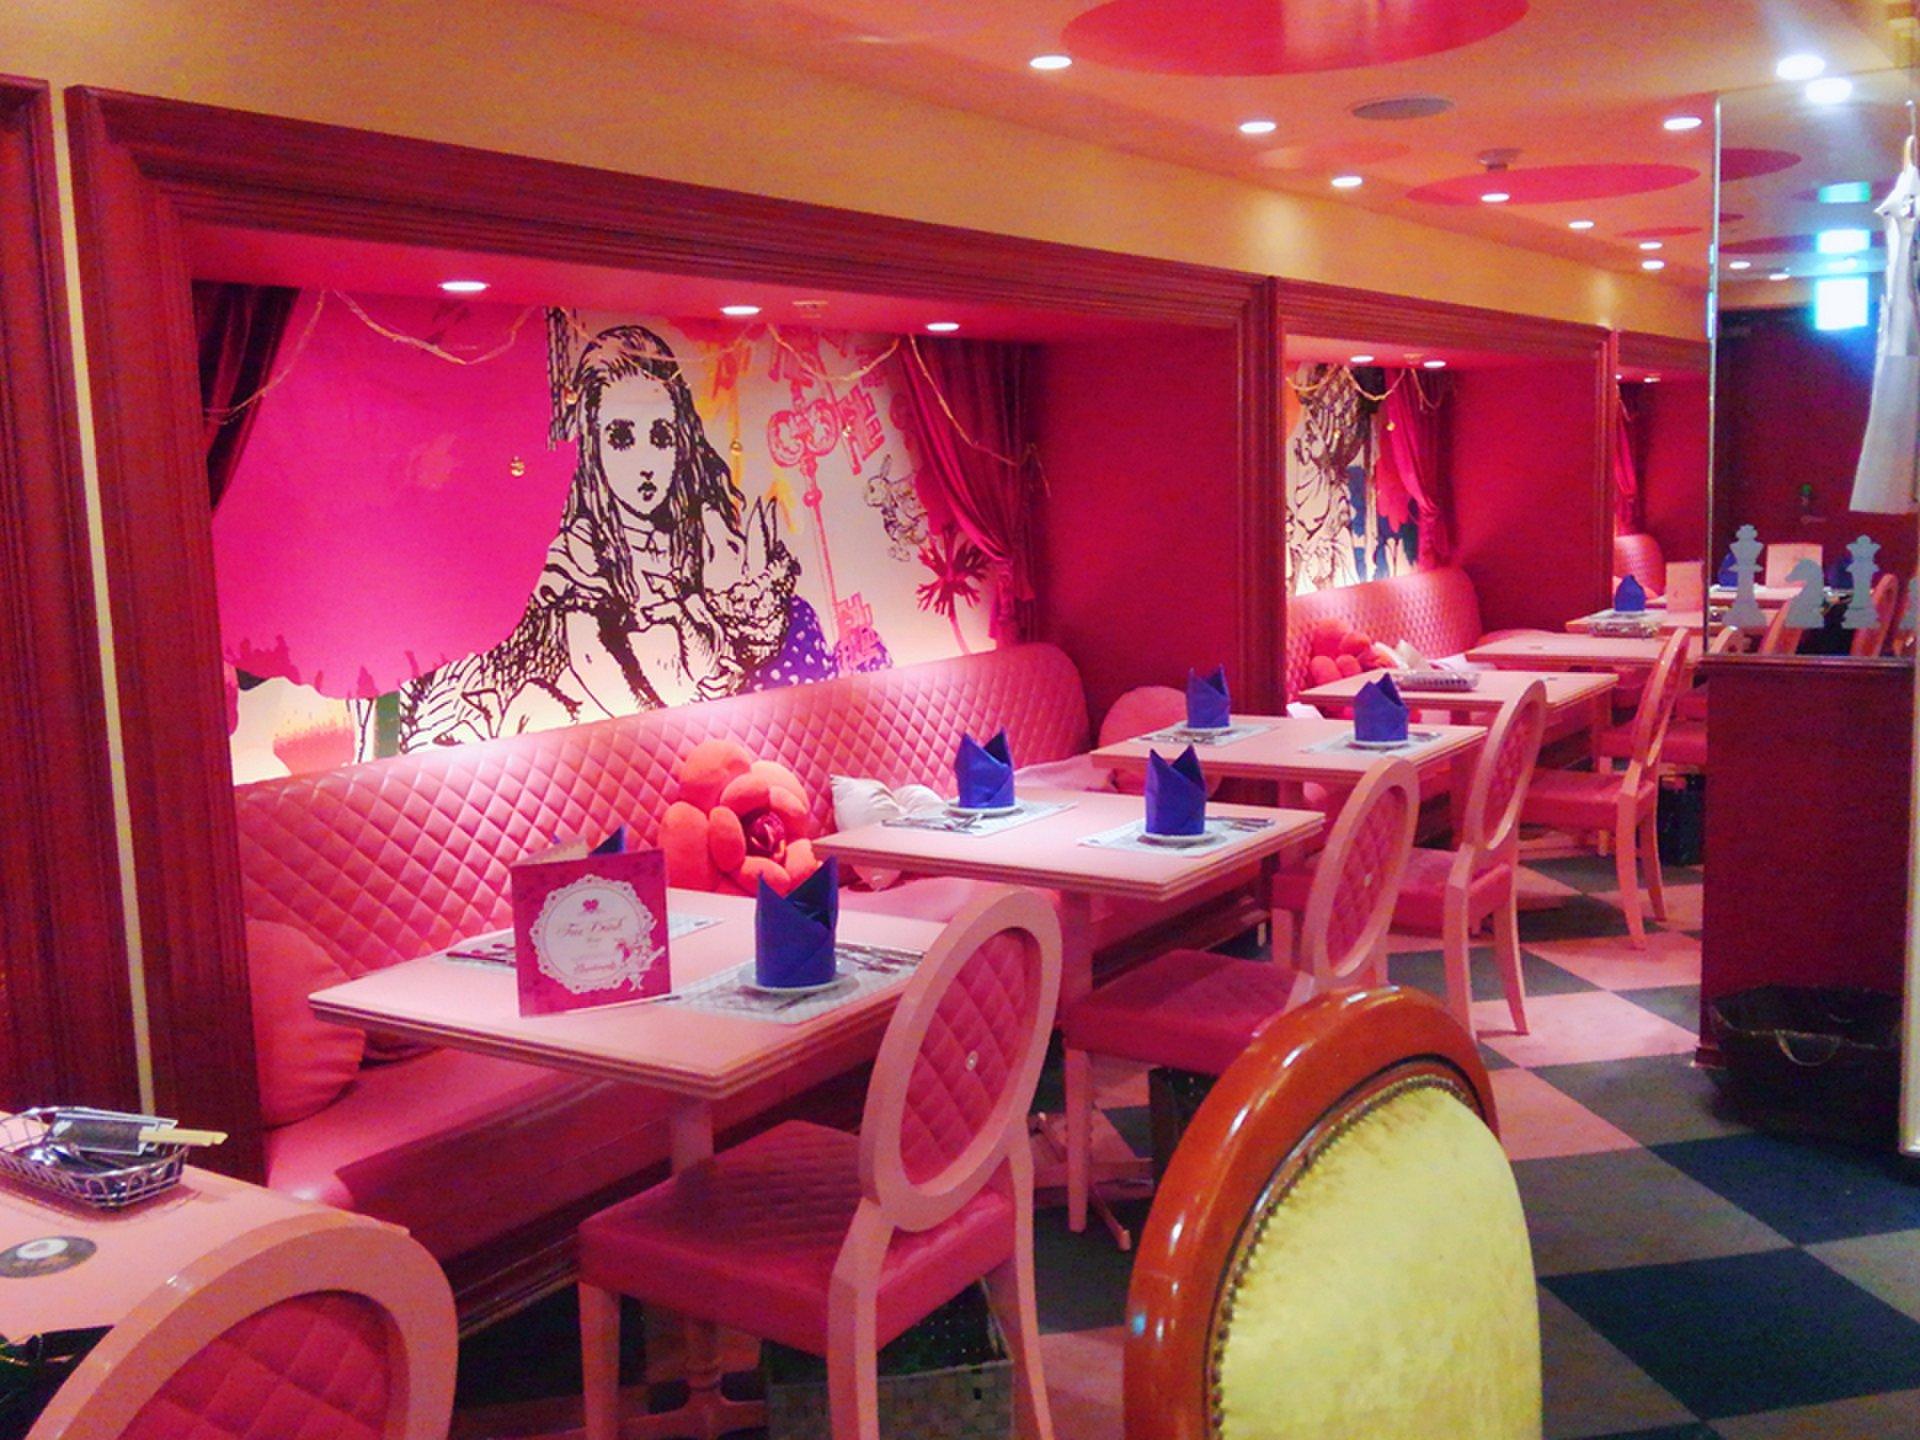 【東京】ファンタジー好きなら一度は行きたい「アリス」の世界をご紹介!